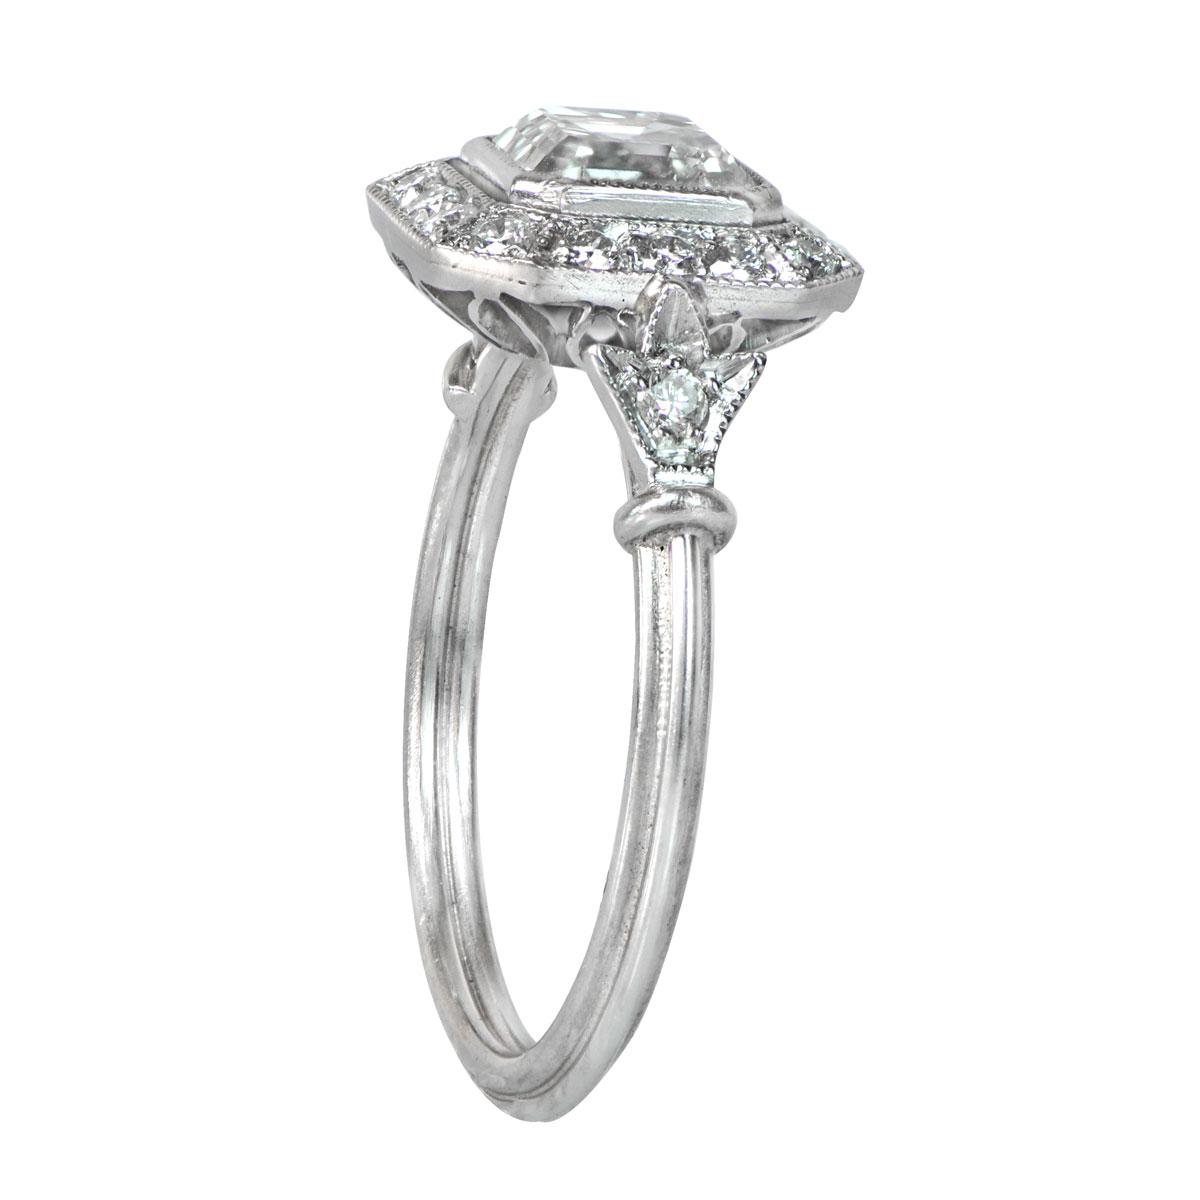 Art Deco Style Asscher-Cut Diamond Ring - SOLD